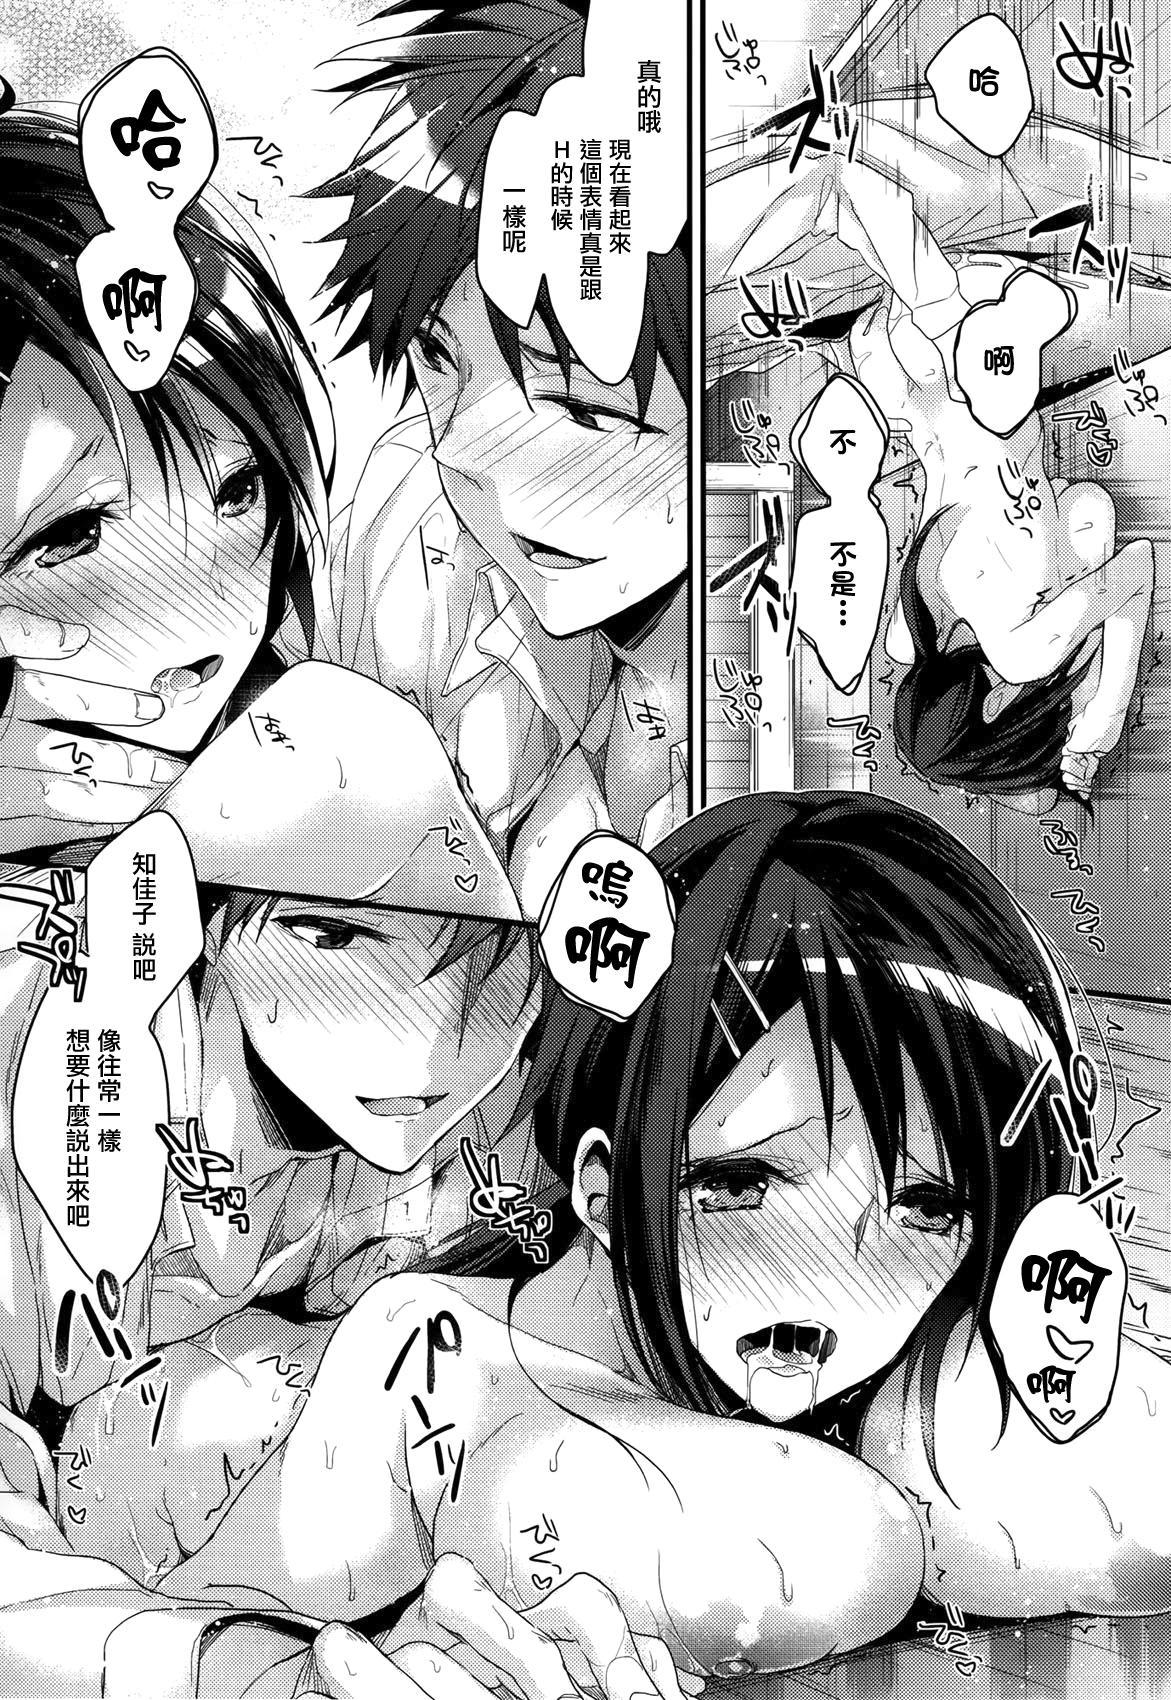 Kanojyo to Himitsu 27